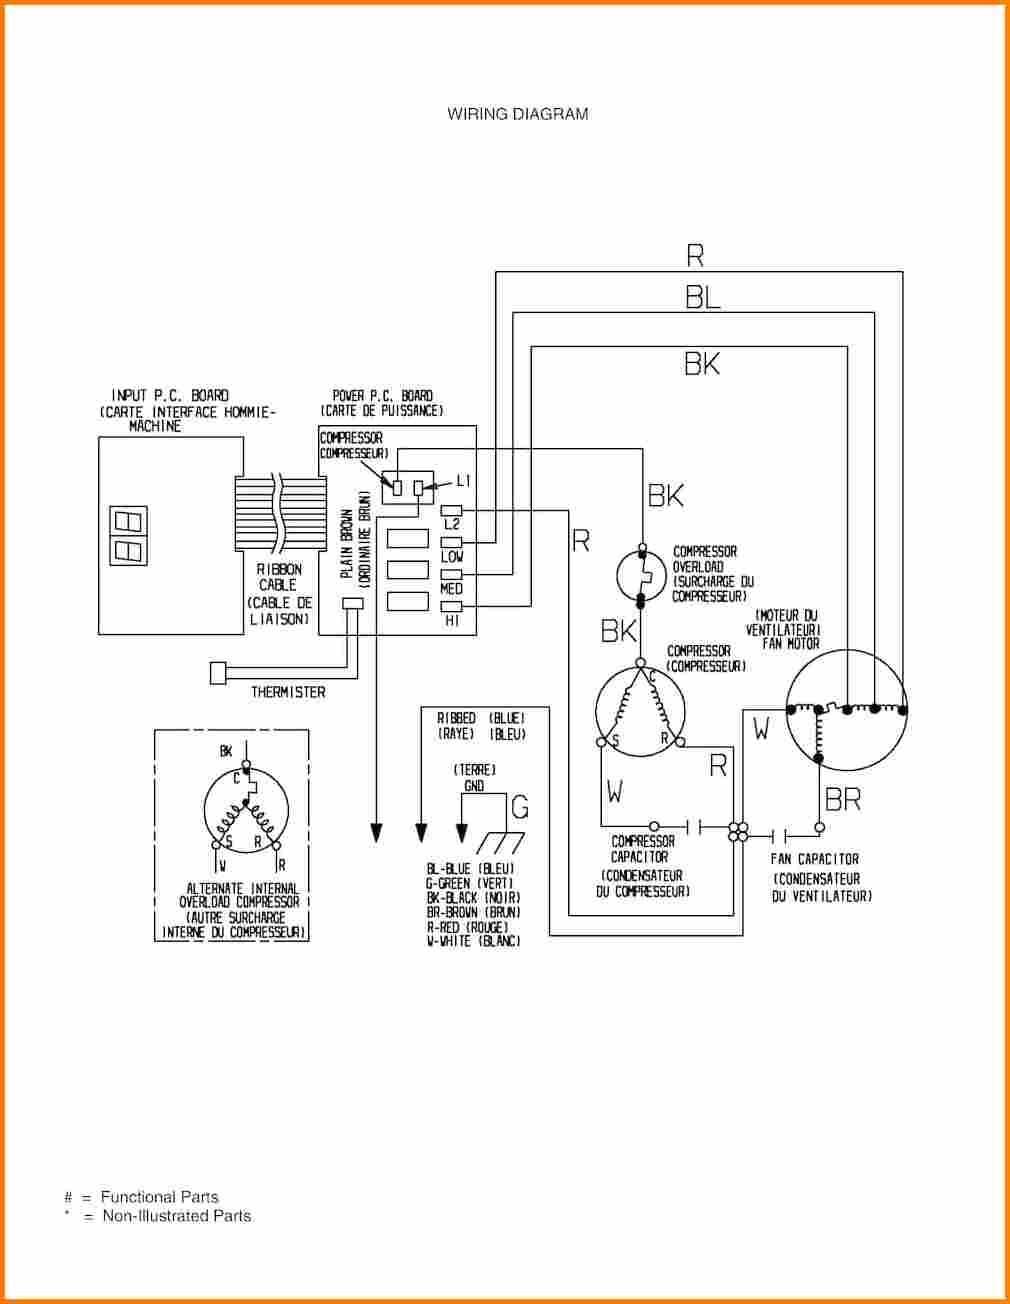 3 phase ac pressor wiring diagram goodman a c pressor wiring diagram 3 phase air new capacitor